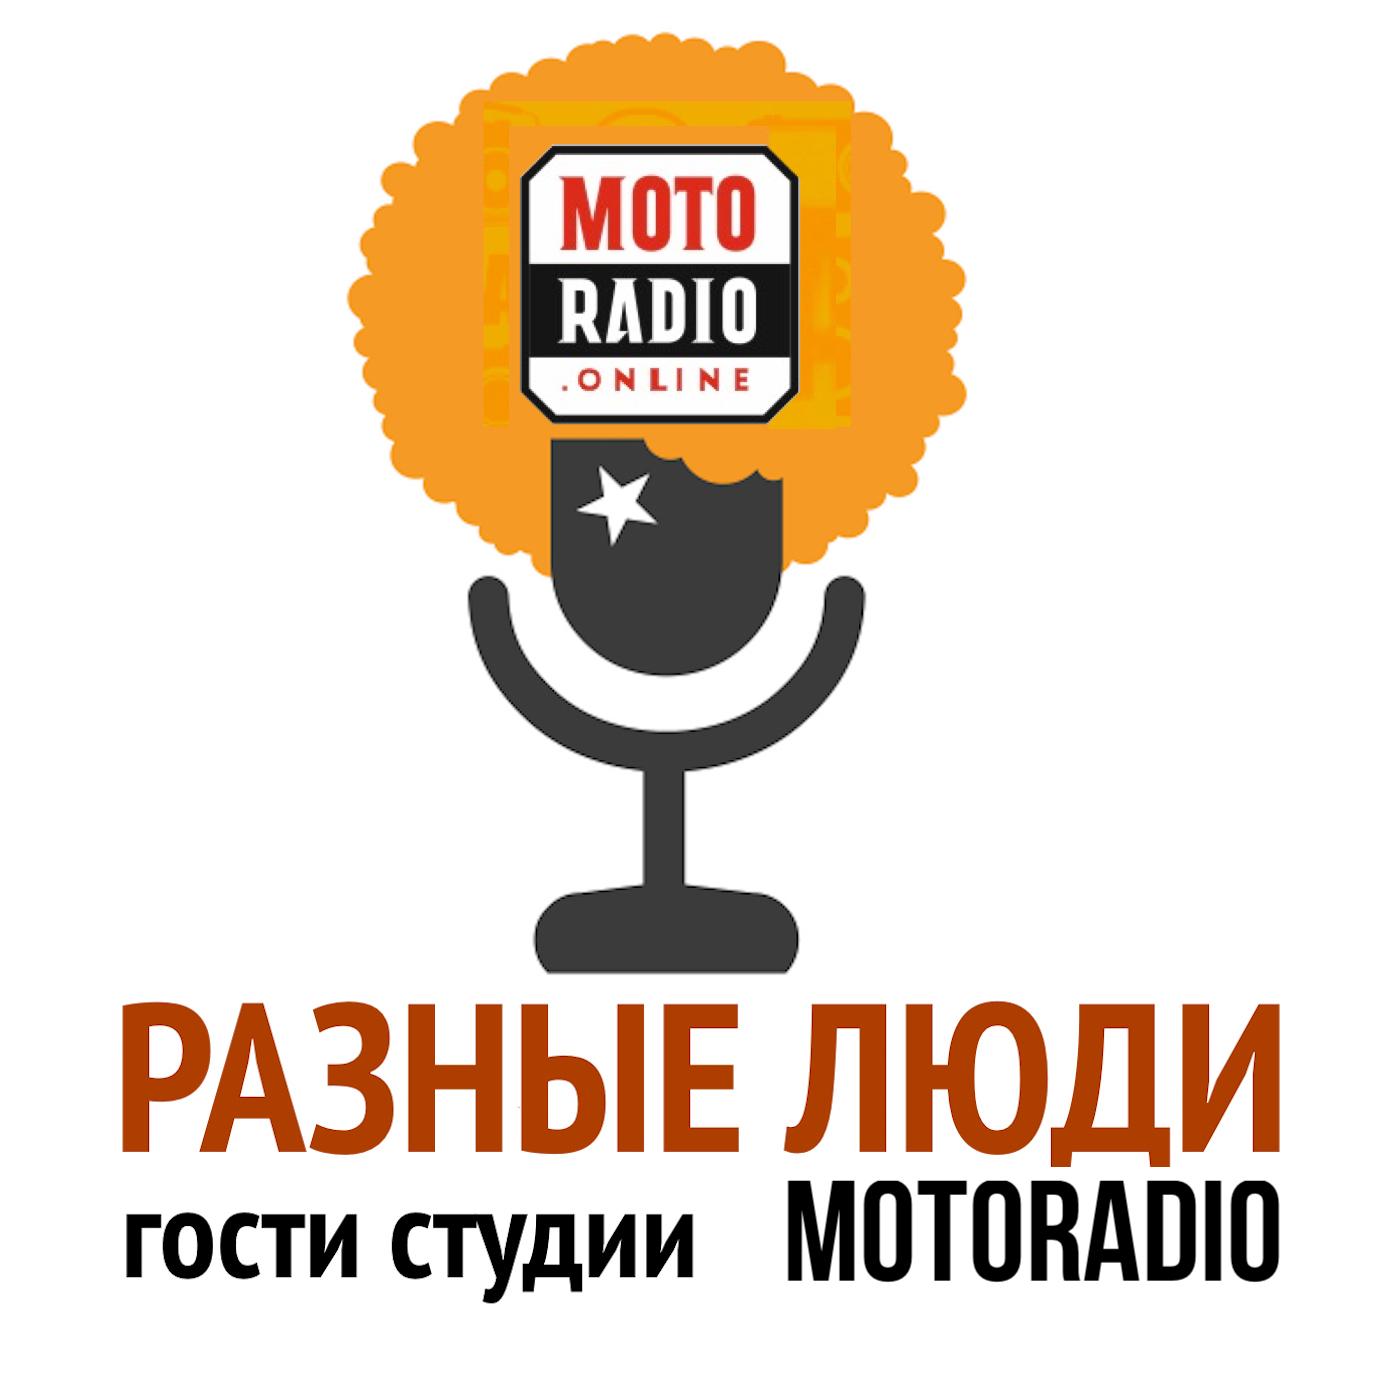 Моторадио Открытие ВЕЛО СЕЗОНА 2013 — эфир, посвященный событию моторадио евгений вышенков об уходящем 2013 годе